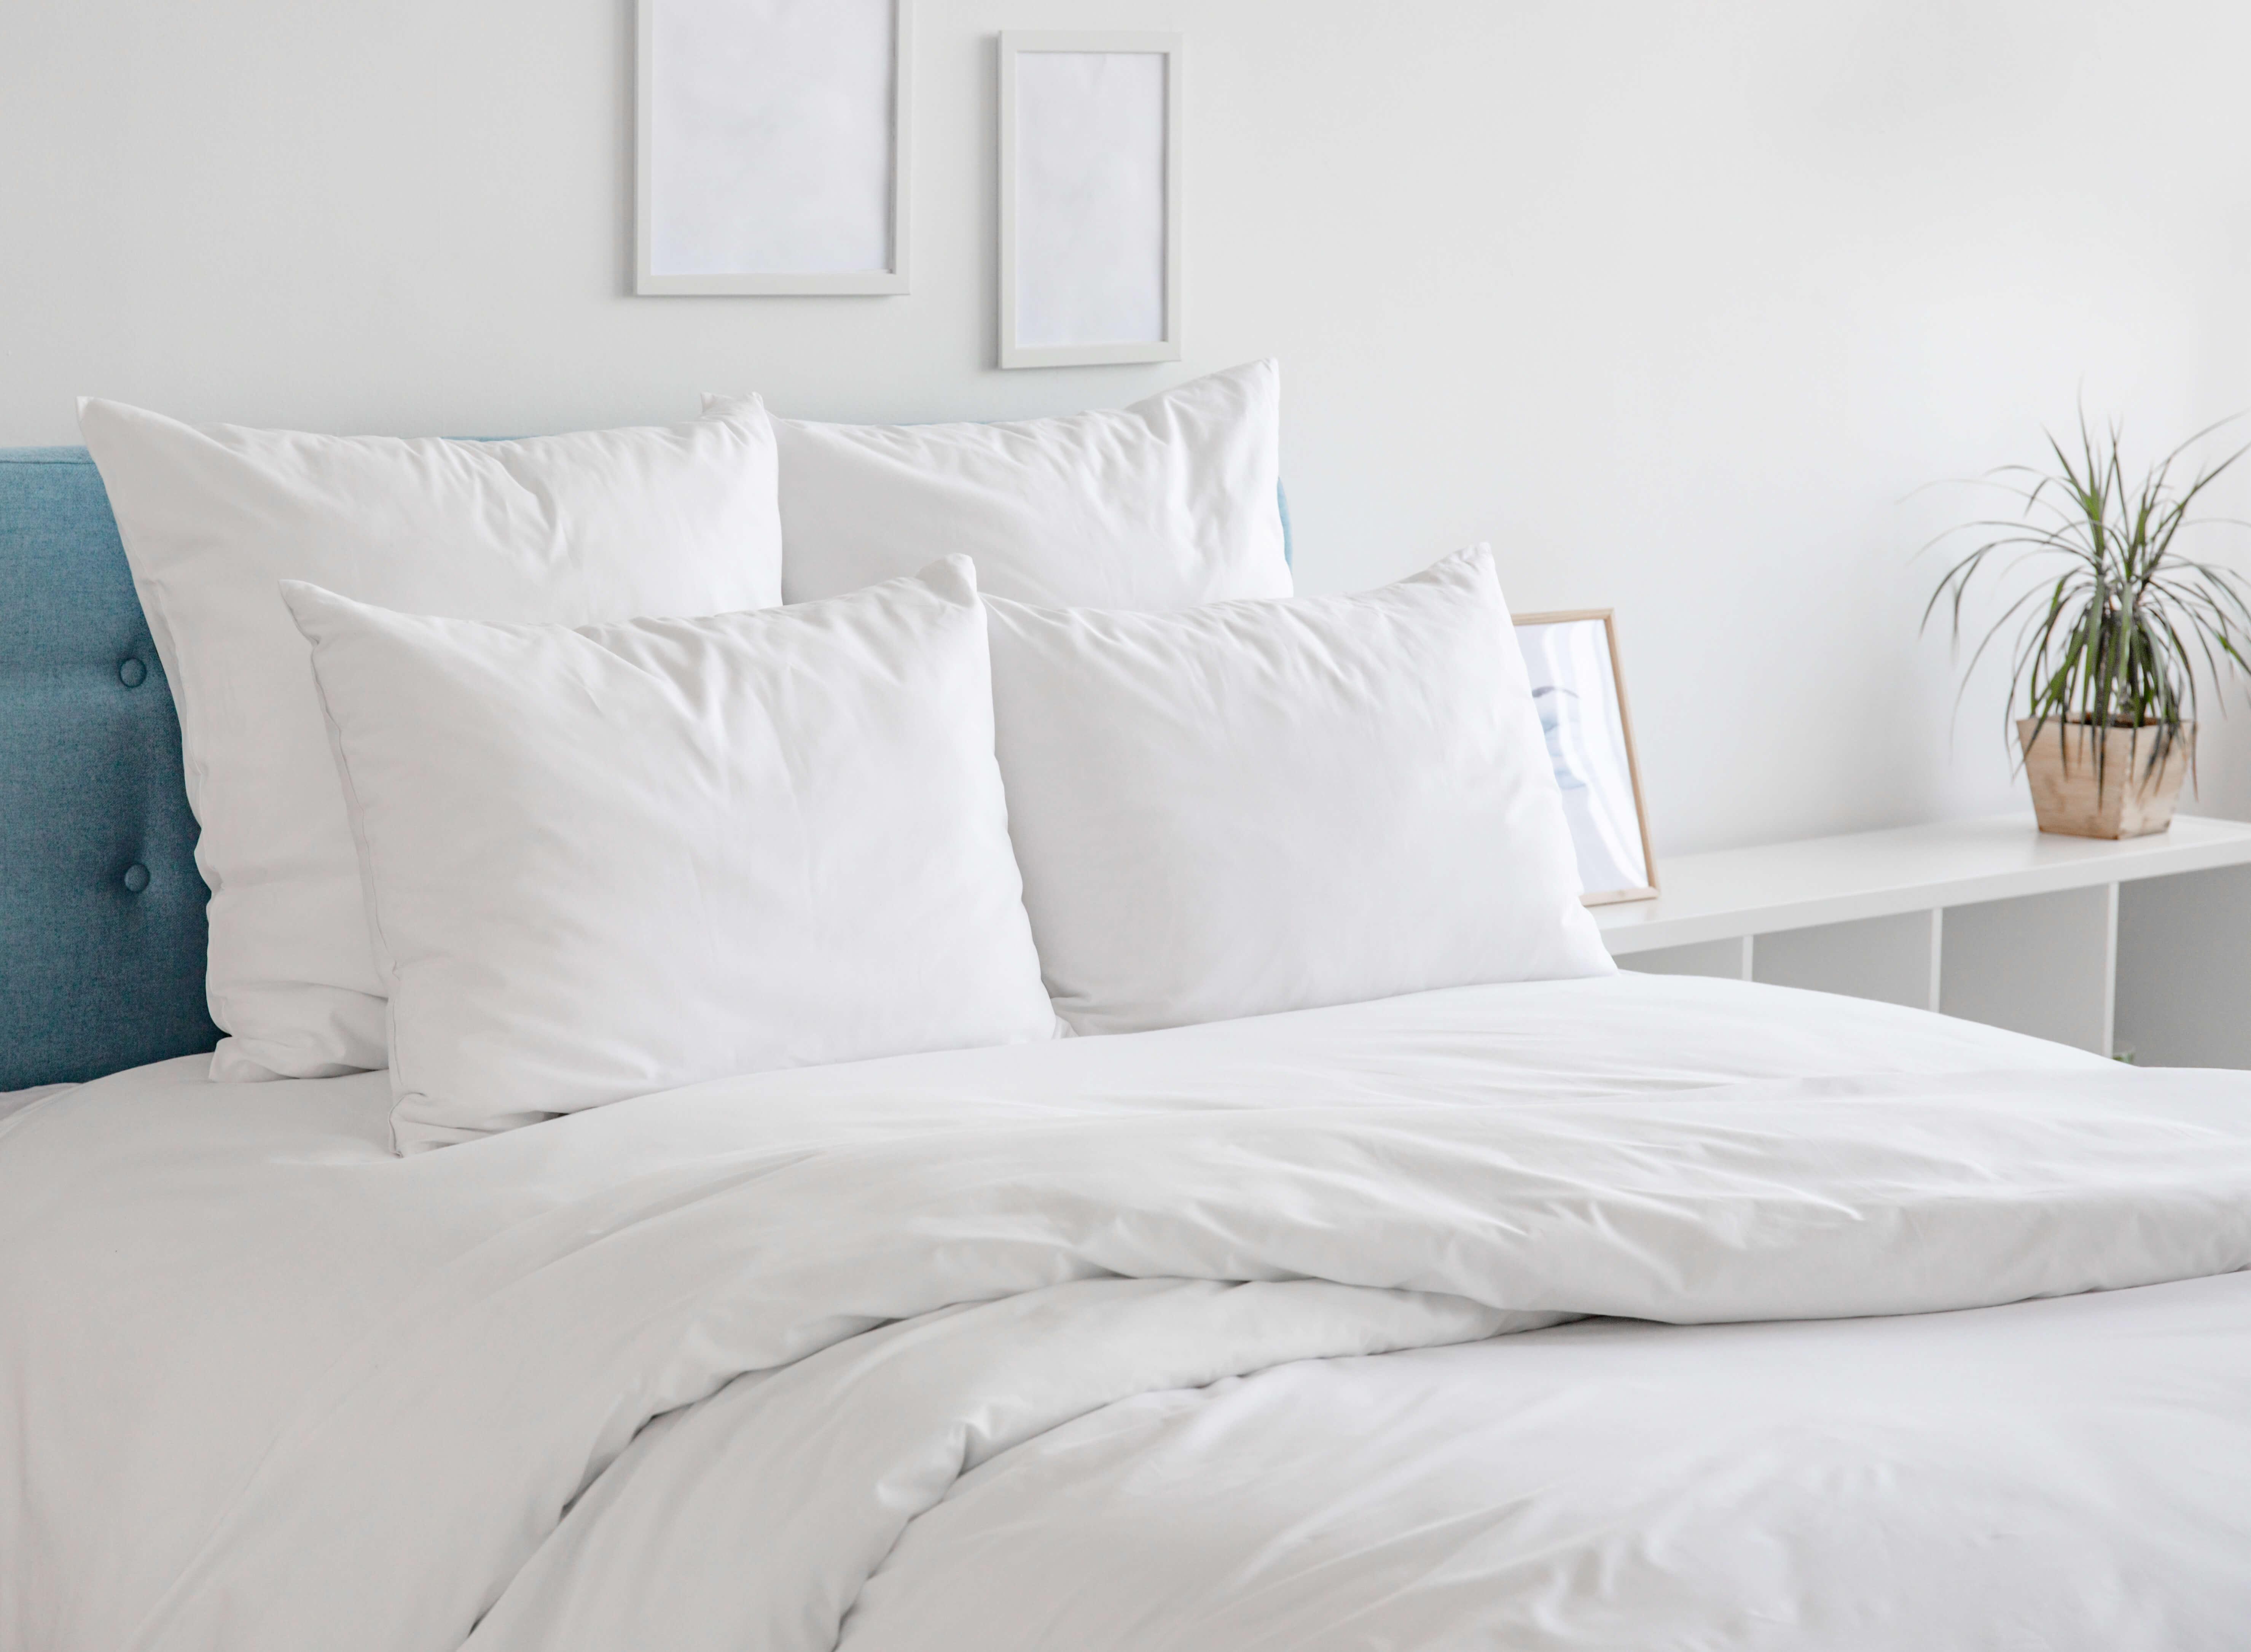 快適な寝心地のために知りたいベッドの選び方。良いベッドを見極めるコツもご紹介